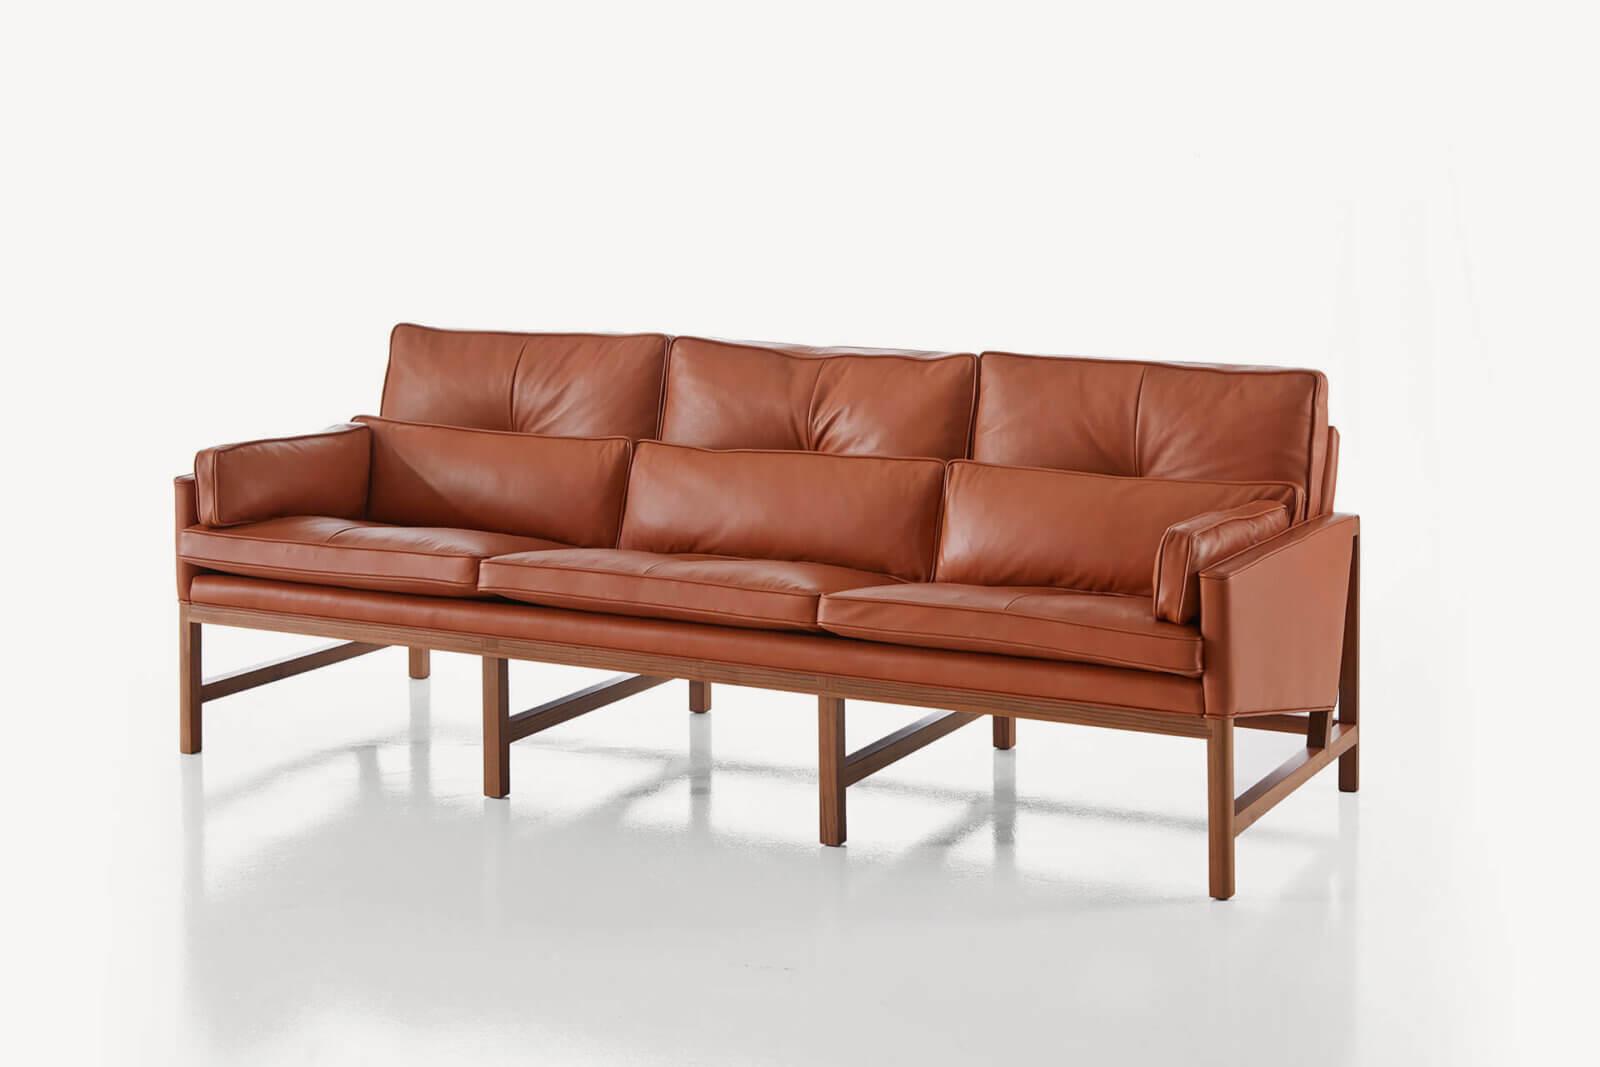 TinnappleMetz-bassamfellows-Wood-Frame-Sofa-01